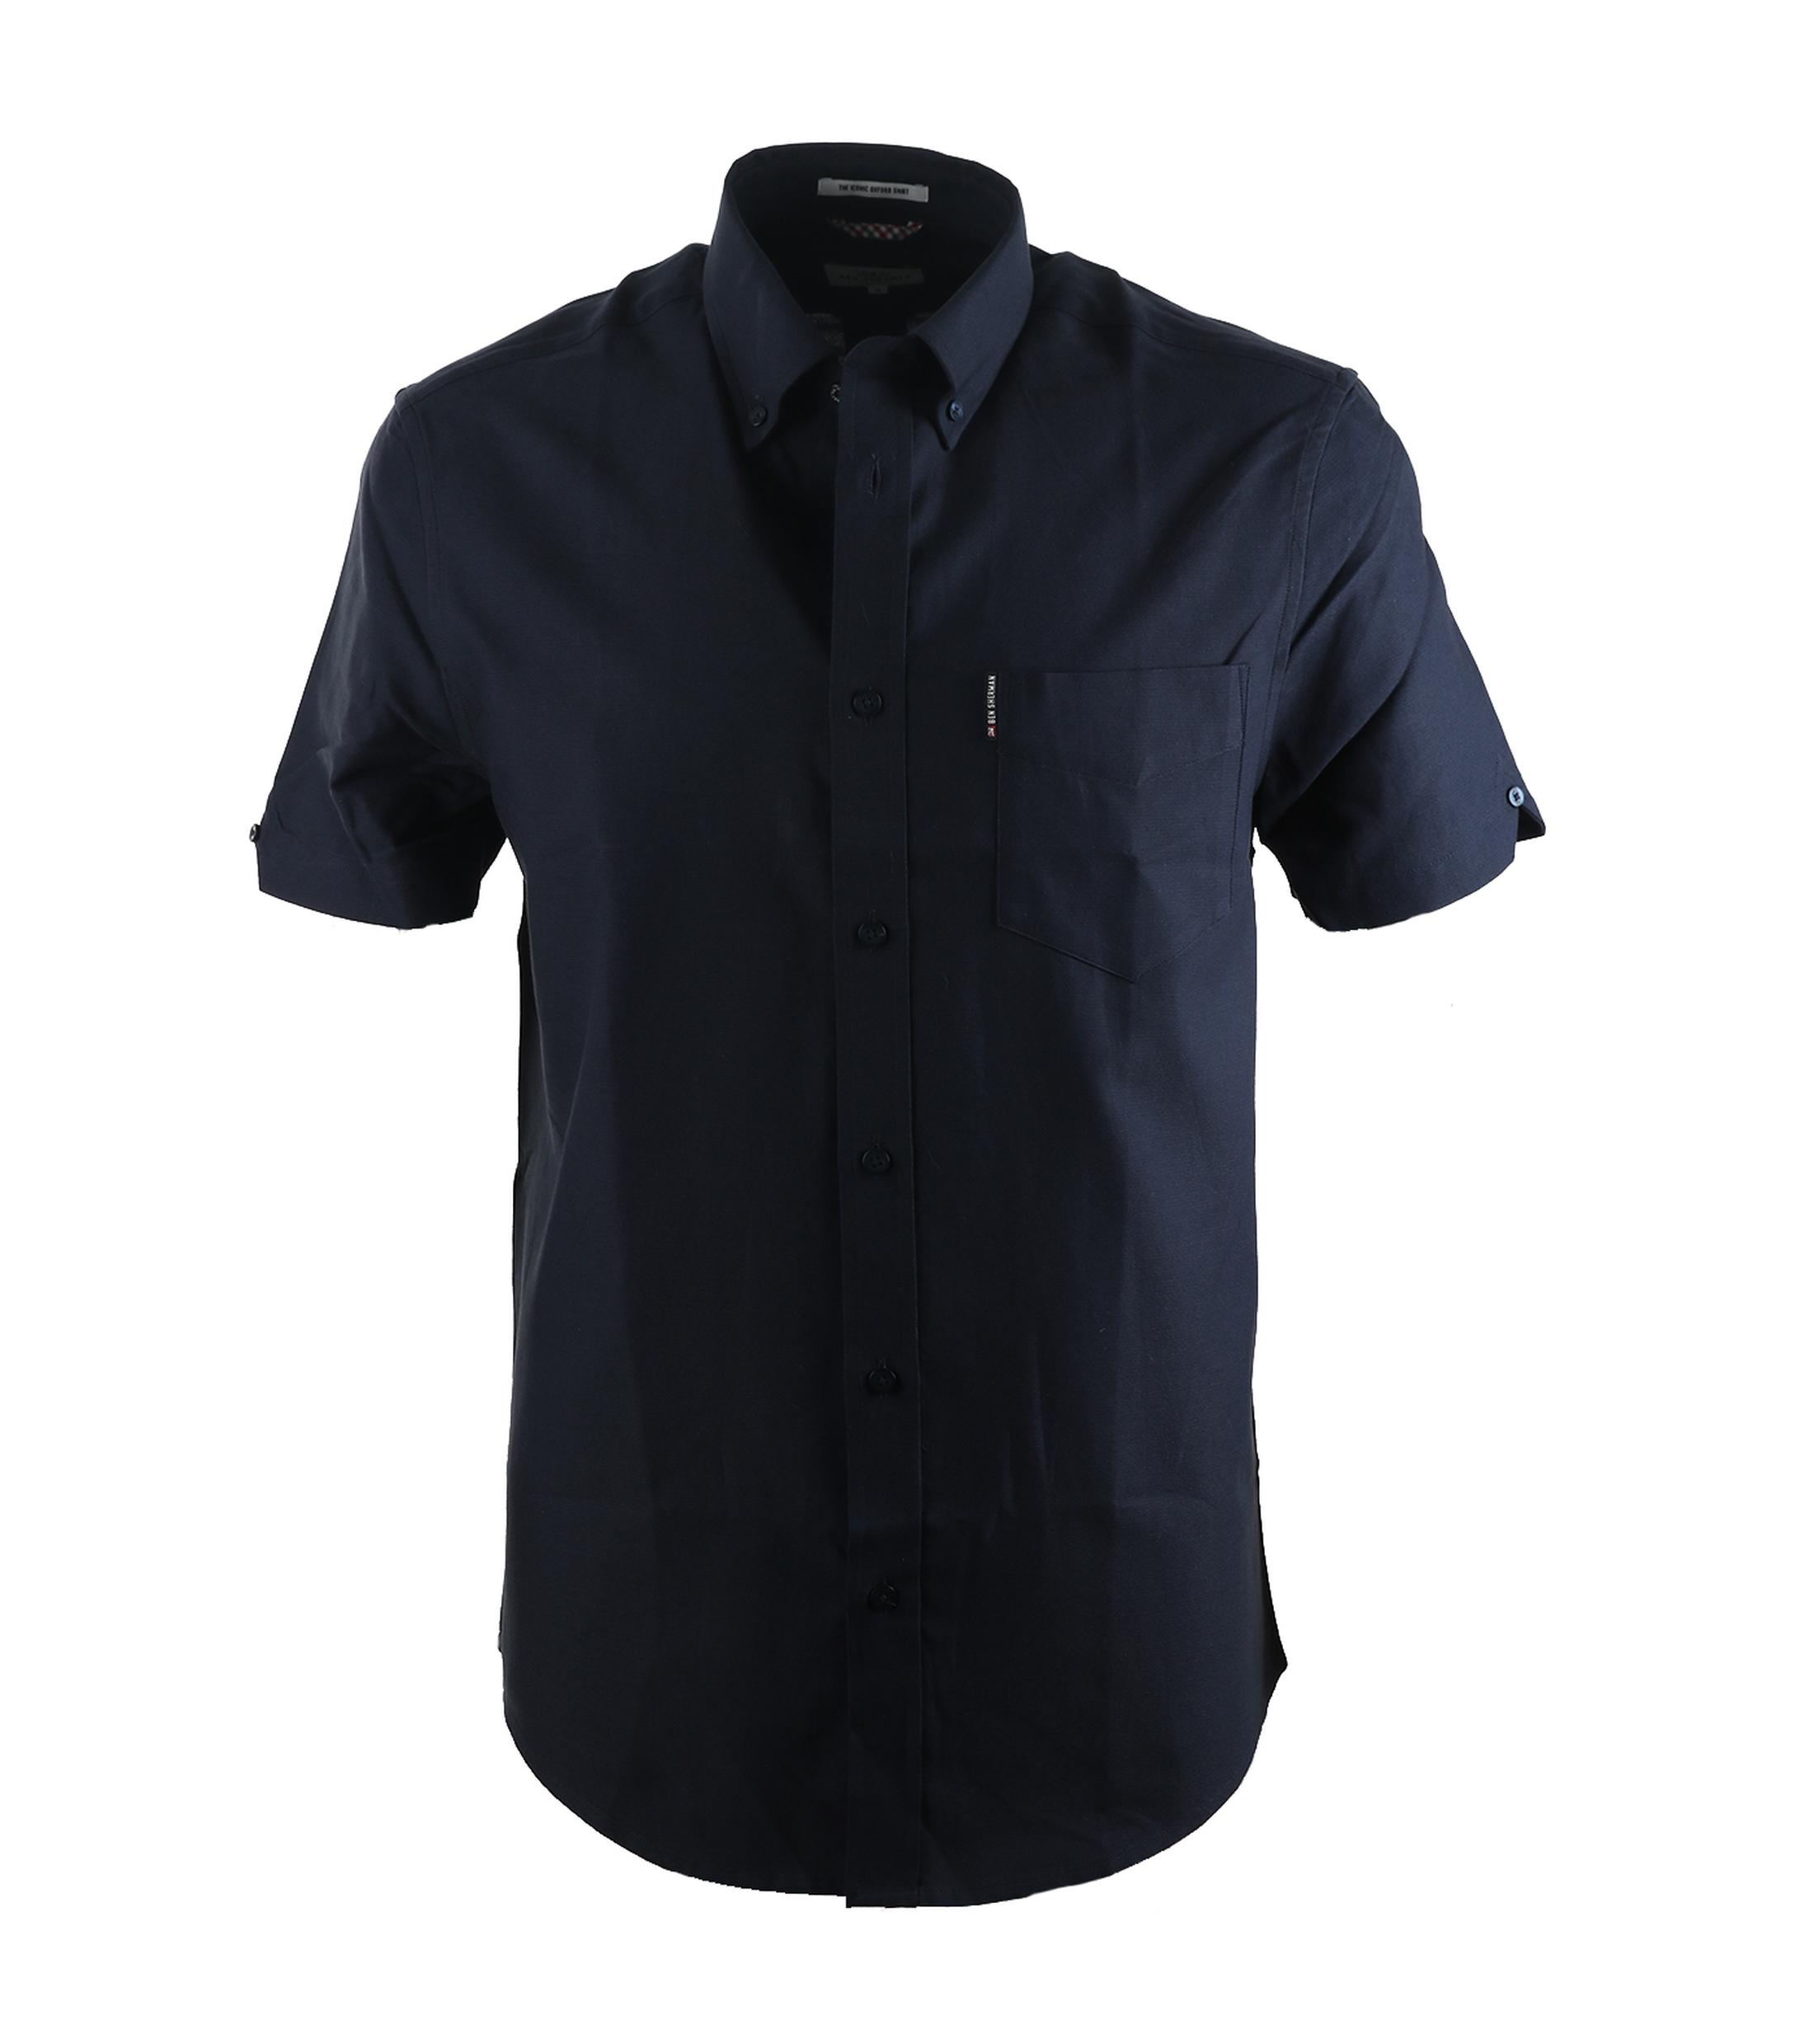 ben sherman hemd donkerblauw online bestellen suitable